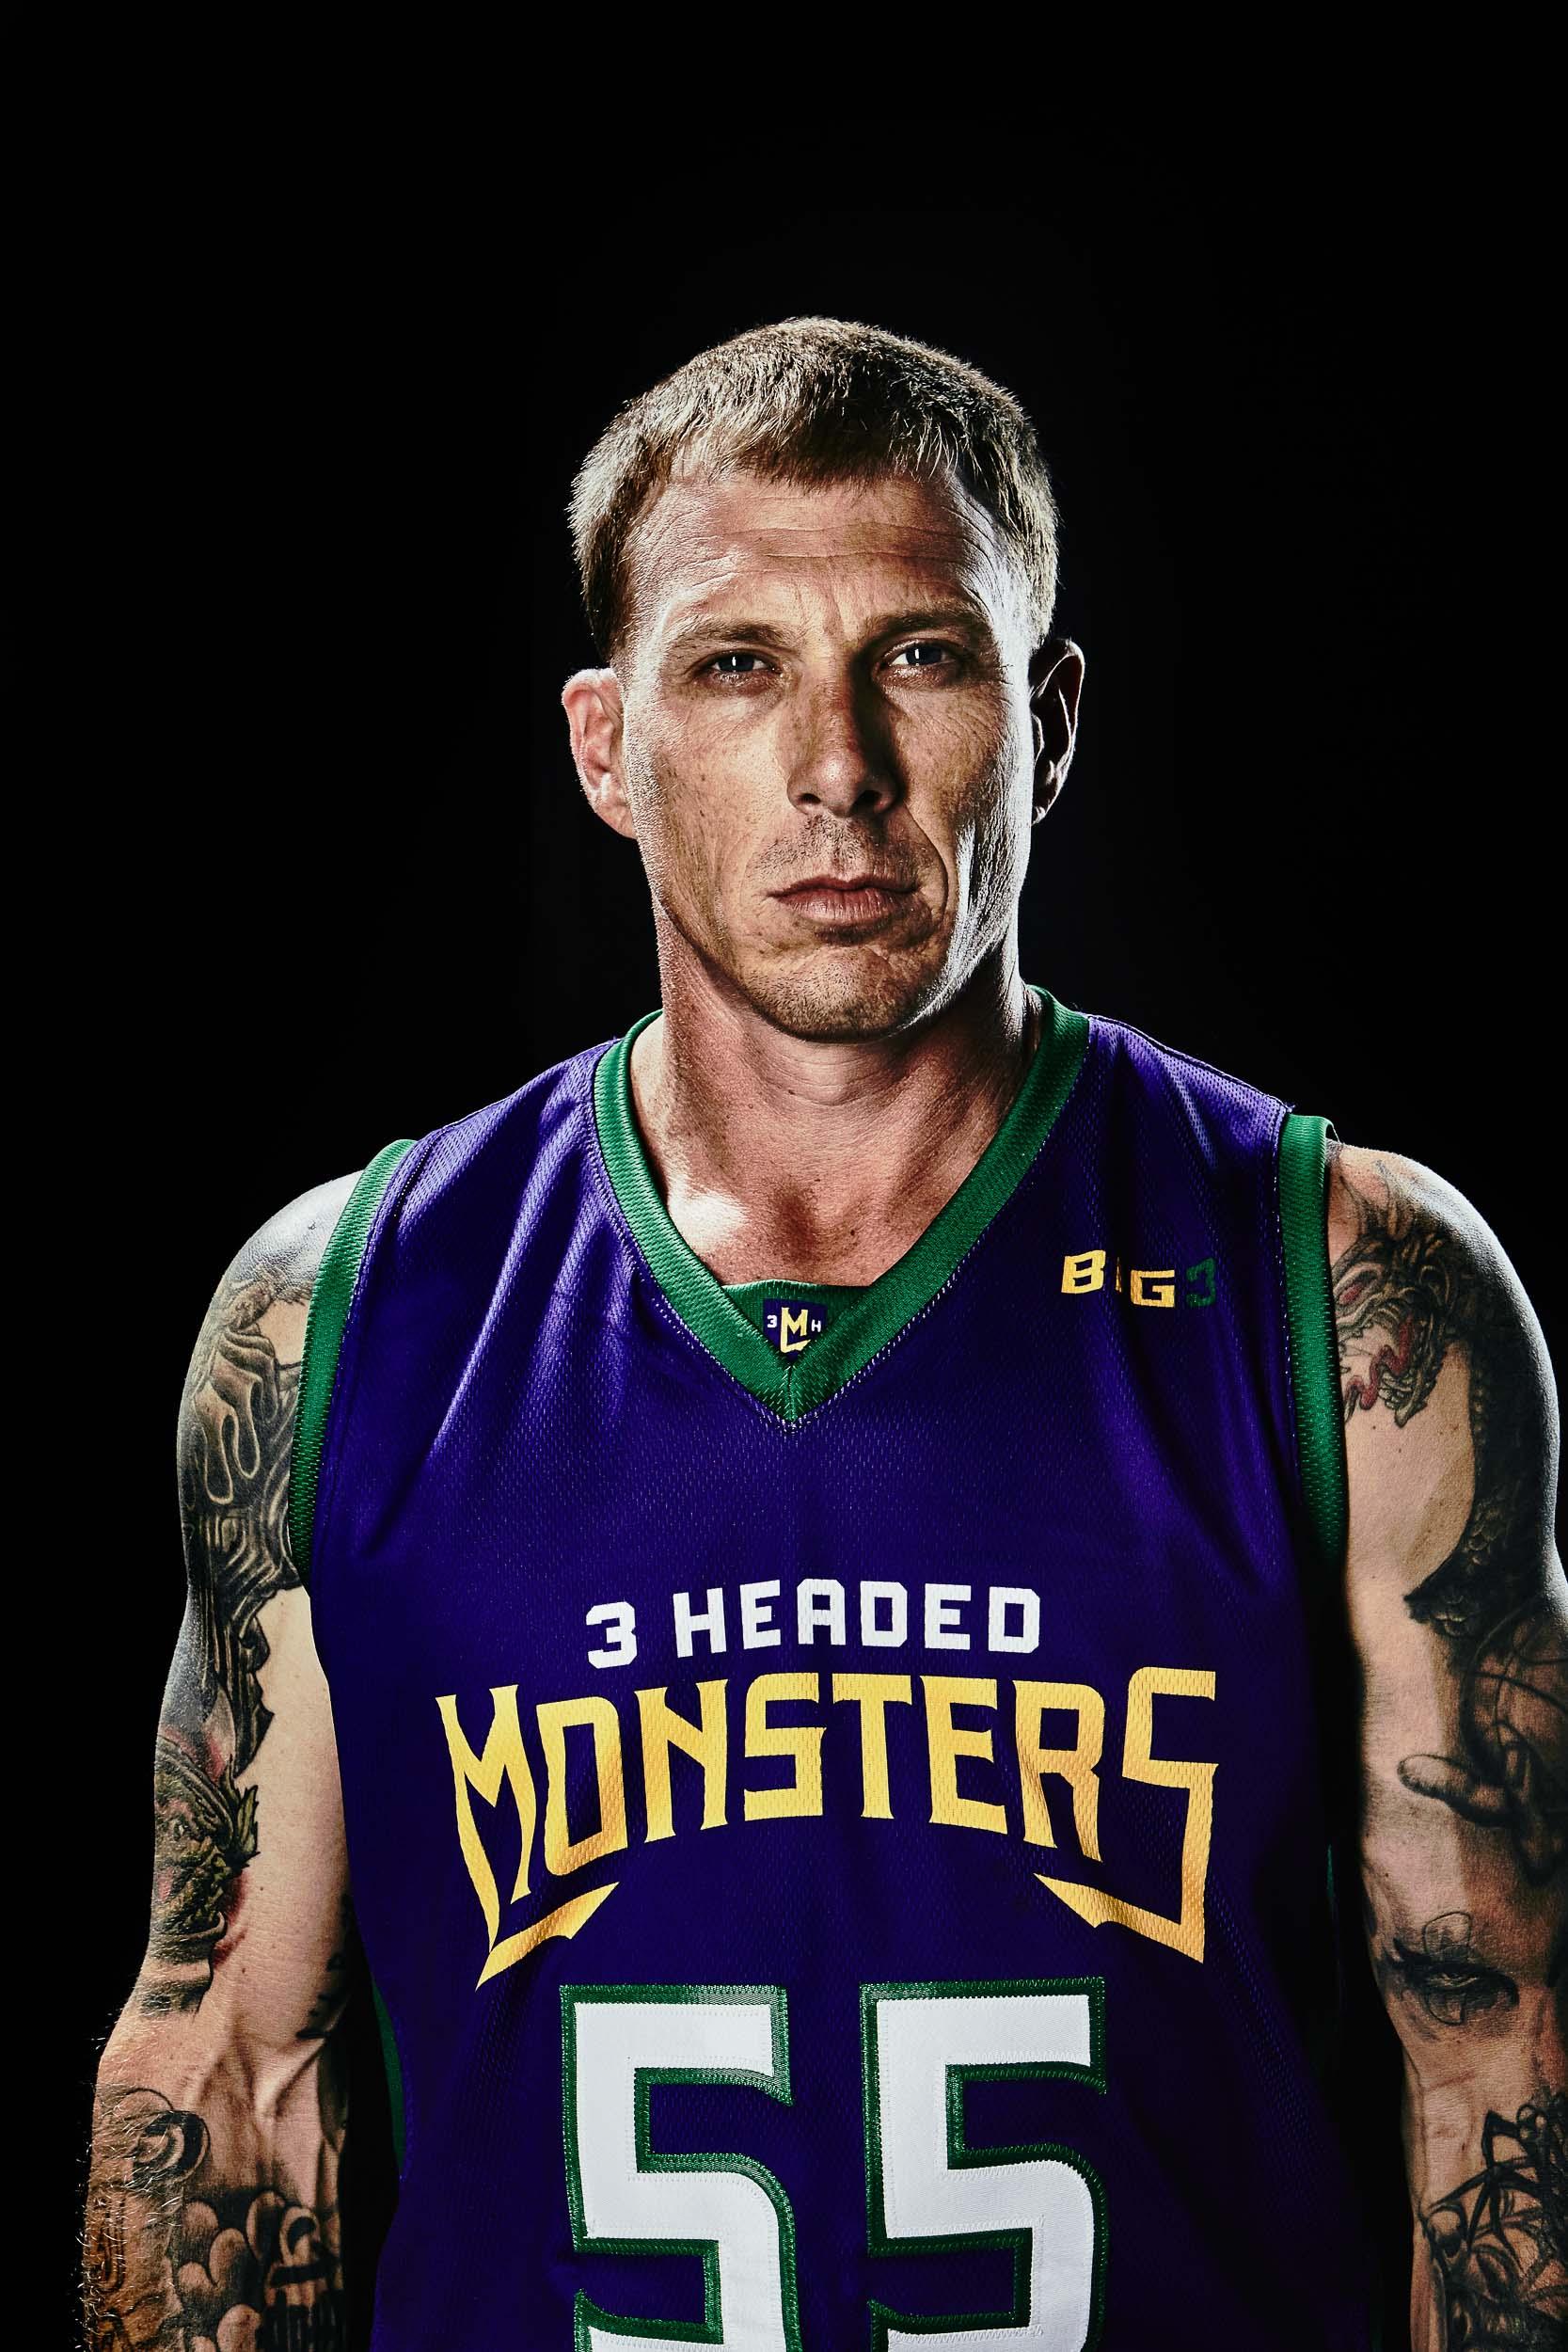 Big_3_Basketball_Baehler10.jpg